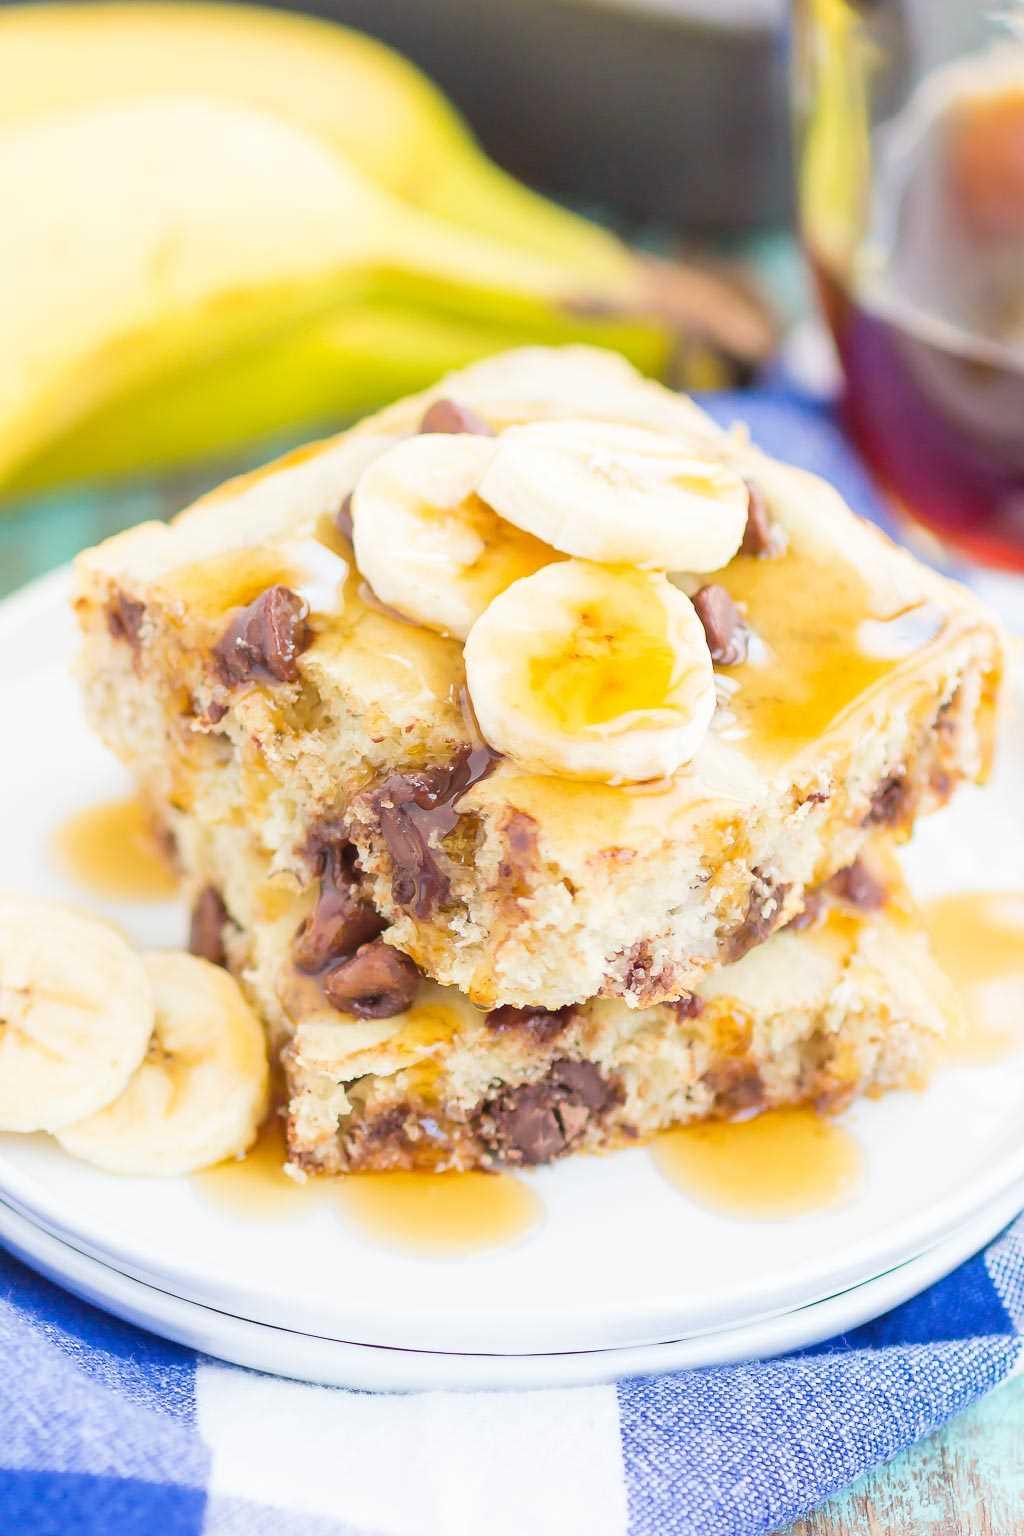 Estos panqueques de pan de chispas de chocolate y plátano son la forma más rápida y fácil de preparar un delicioso desayuno. Sin necesidad de voltear y hornear en una sartén, puede tener estos panqueques listos para una gran multitud en poco tiempo. Congelador y listo antes de tiempo, ¡su desayuno nunca sonó mejor!